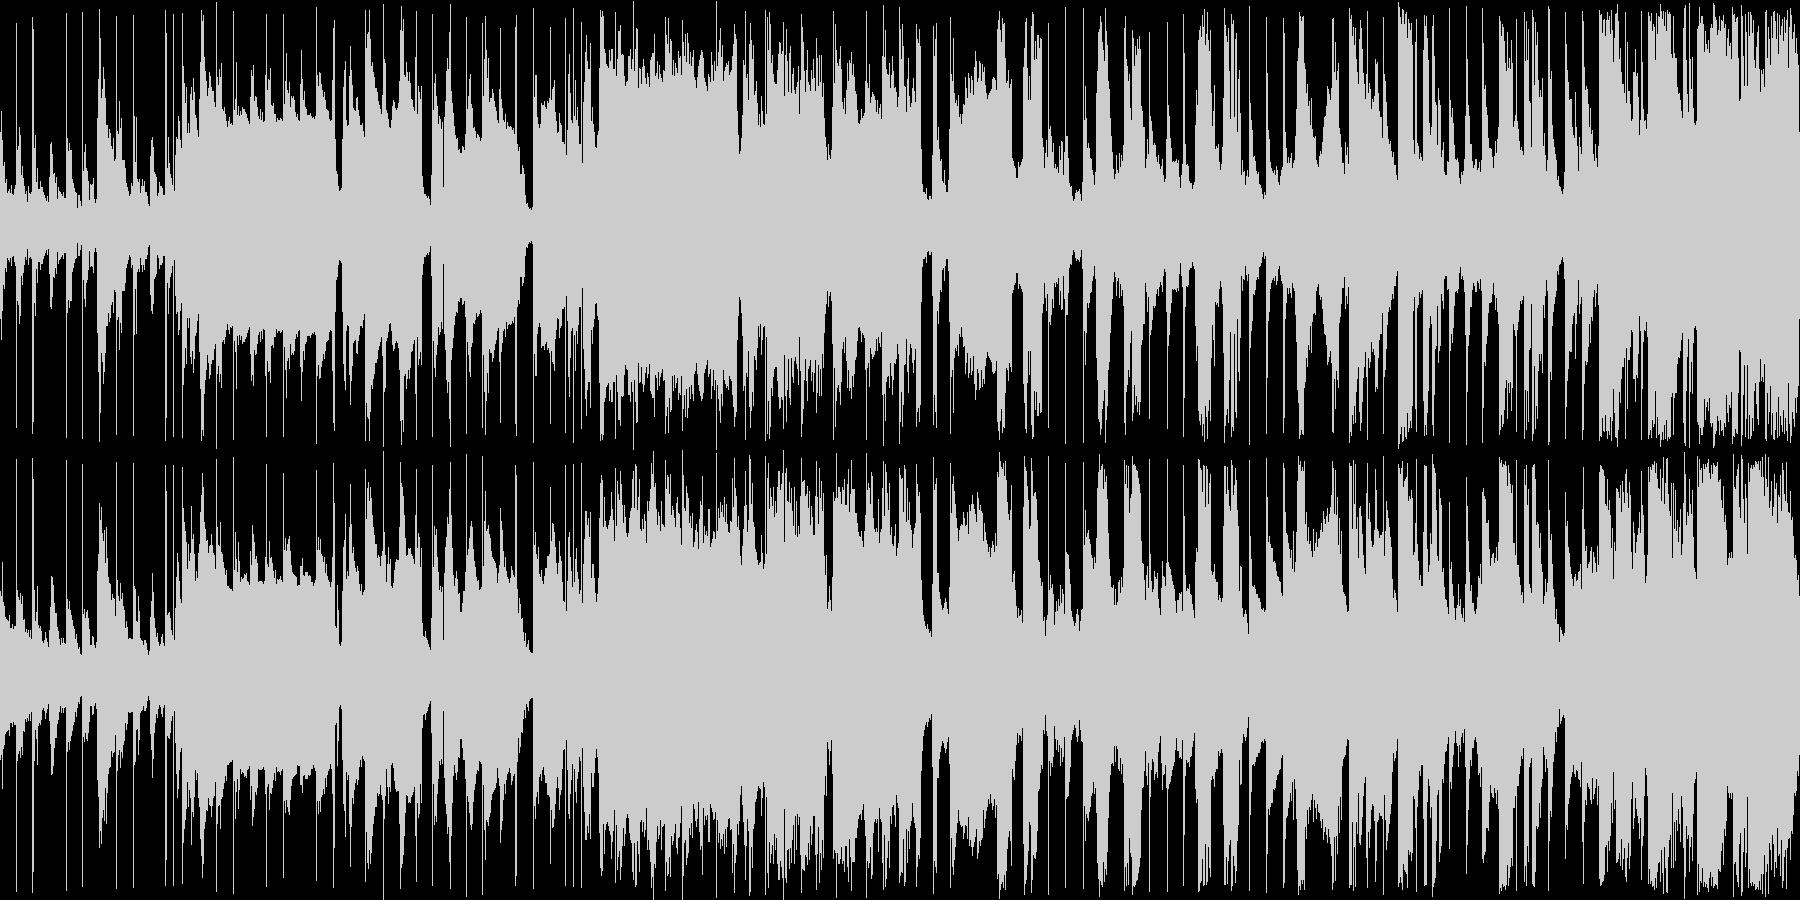 のどかでほのぼのとしたループ楽曲の未再生の波形